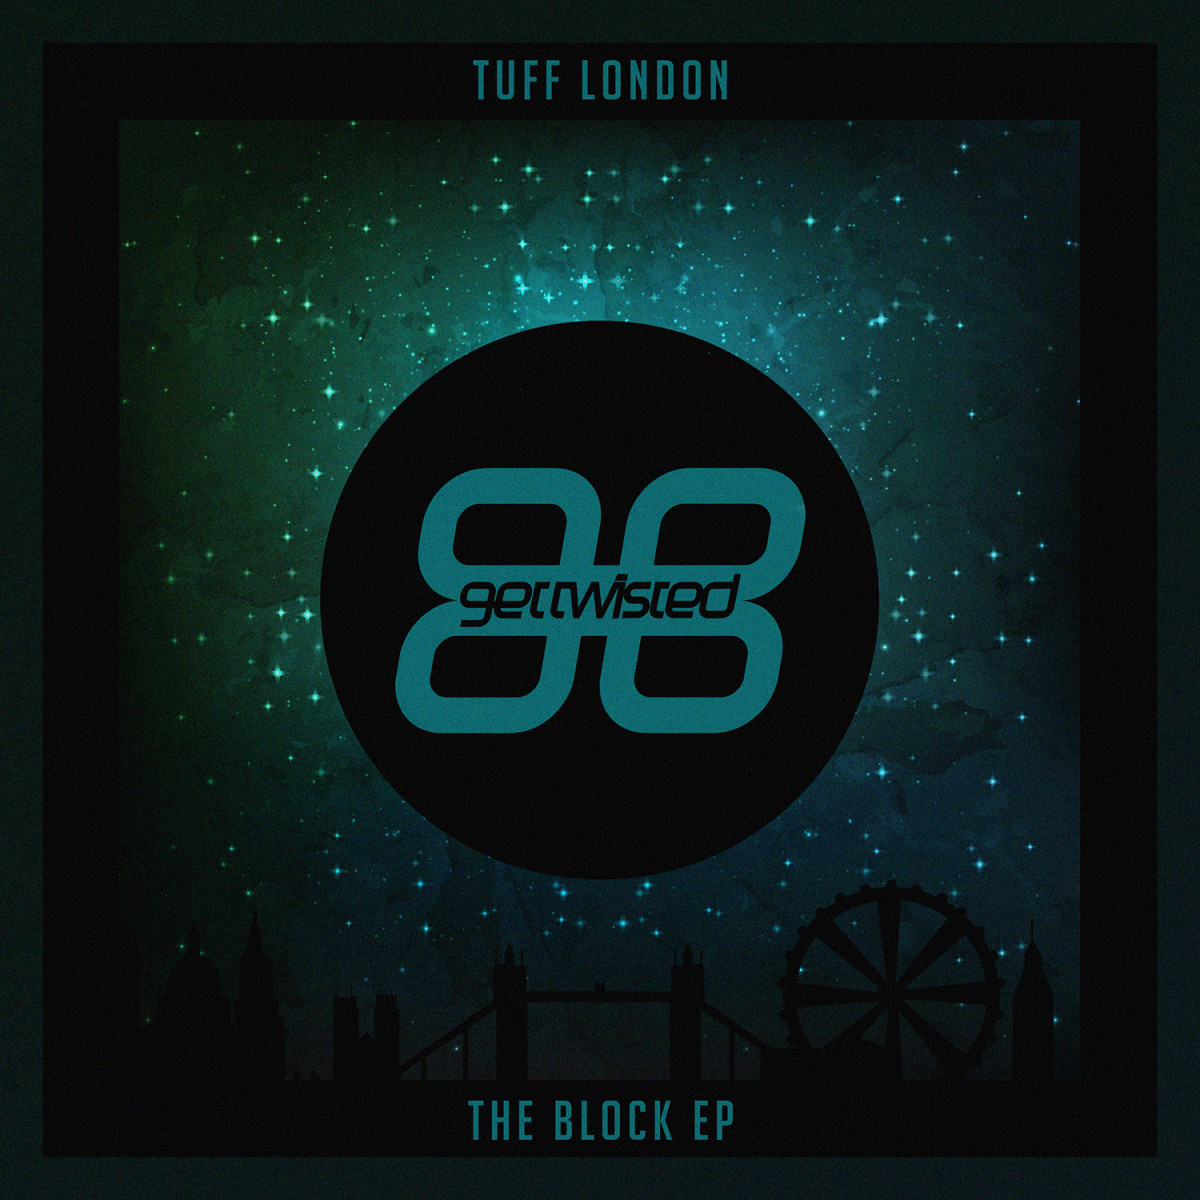 Tuff London - The Block EP